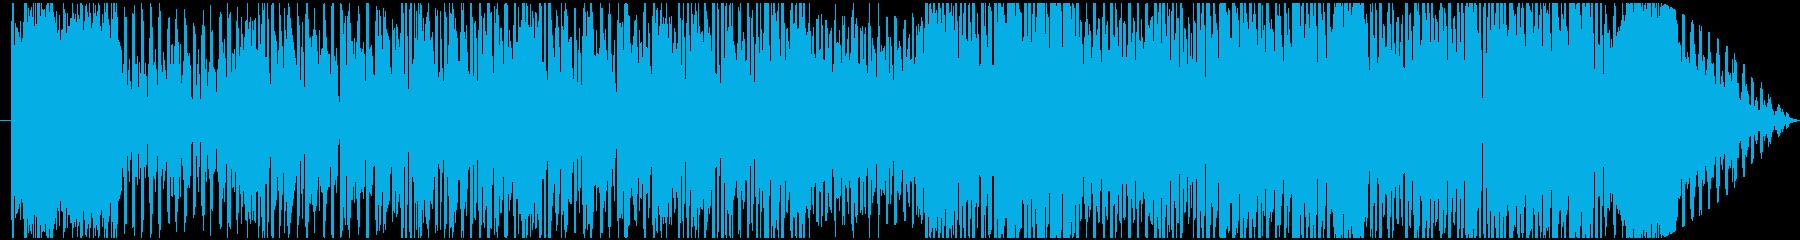 ハイテンションなブラスのポップチューンの再生済みの波形